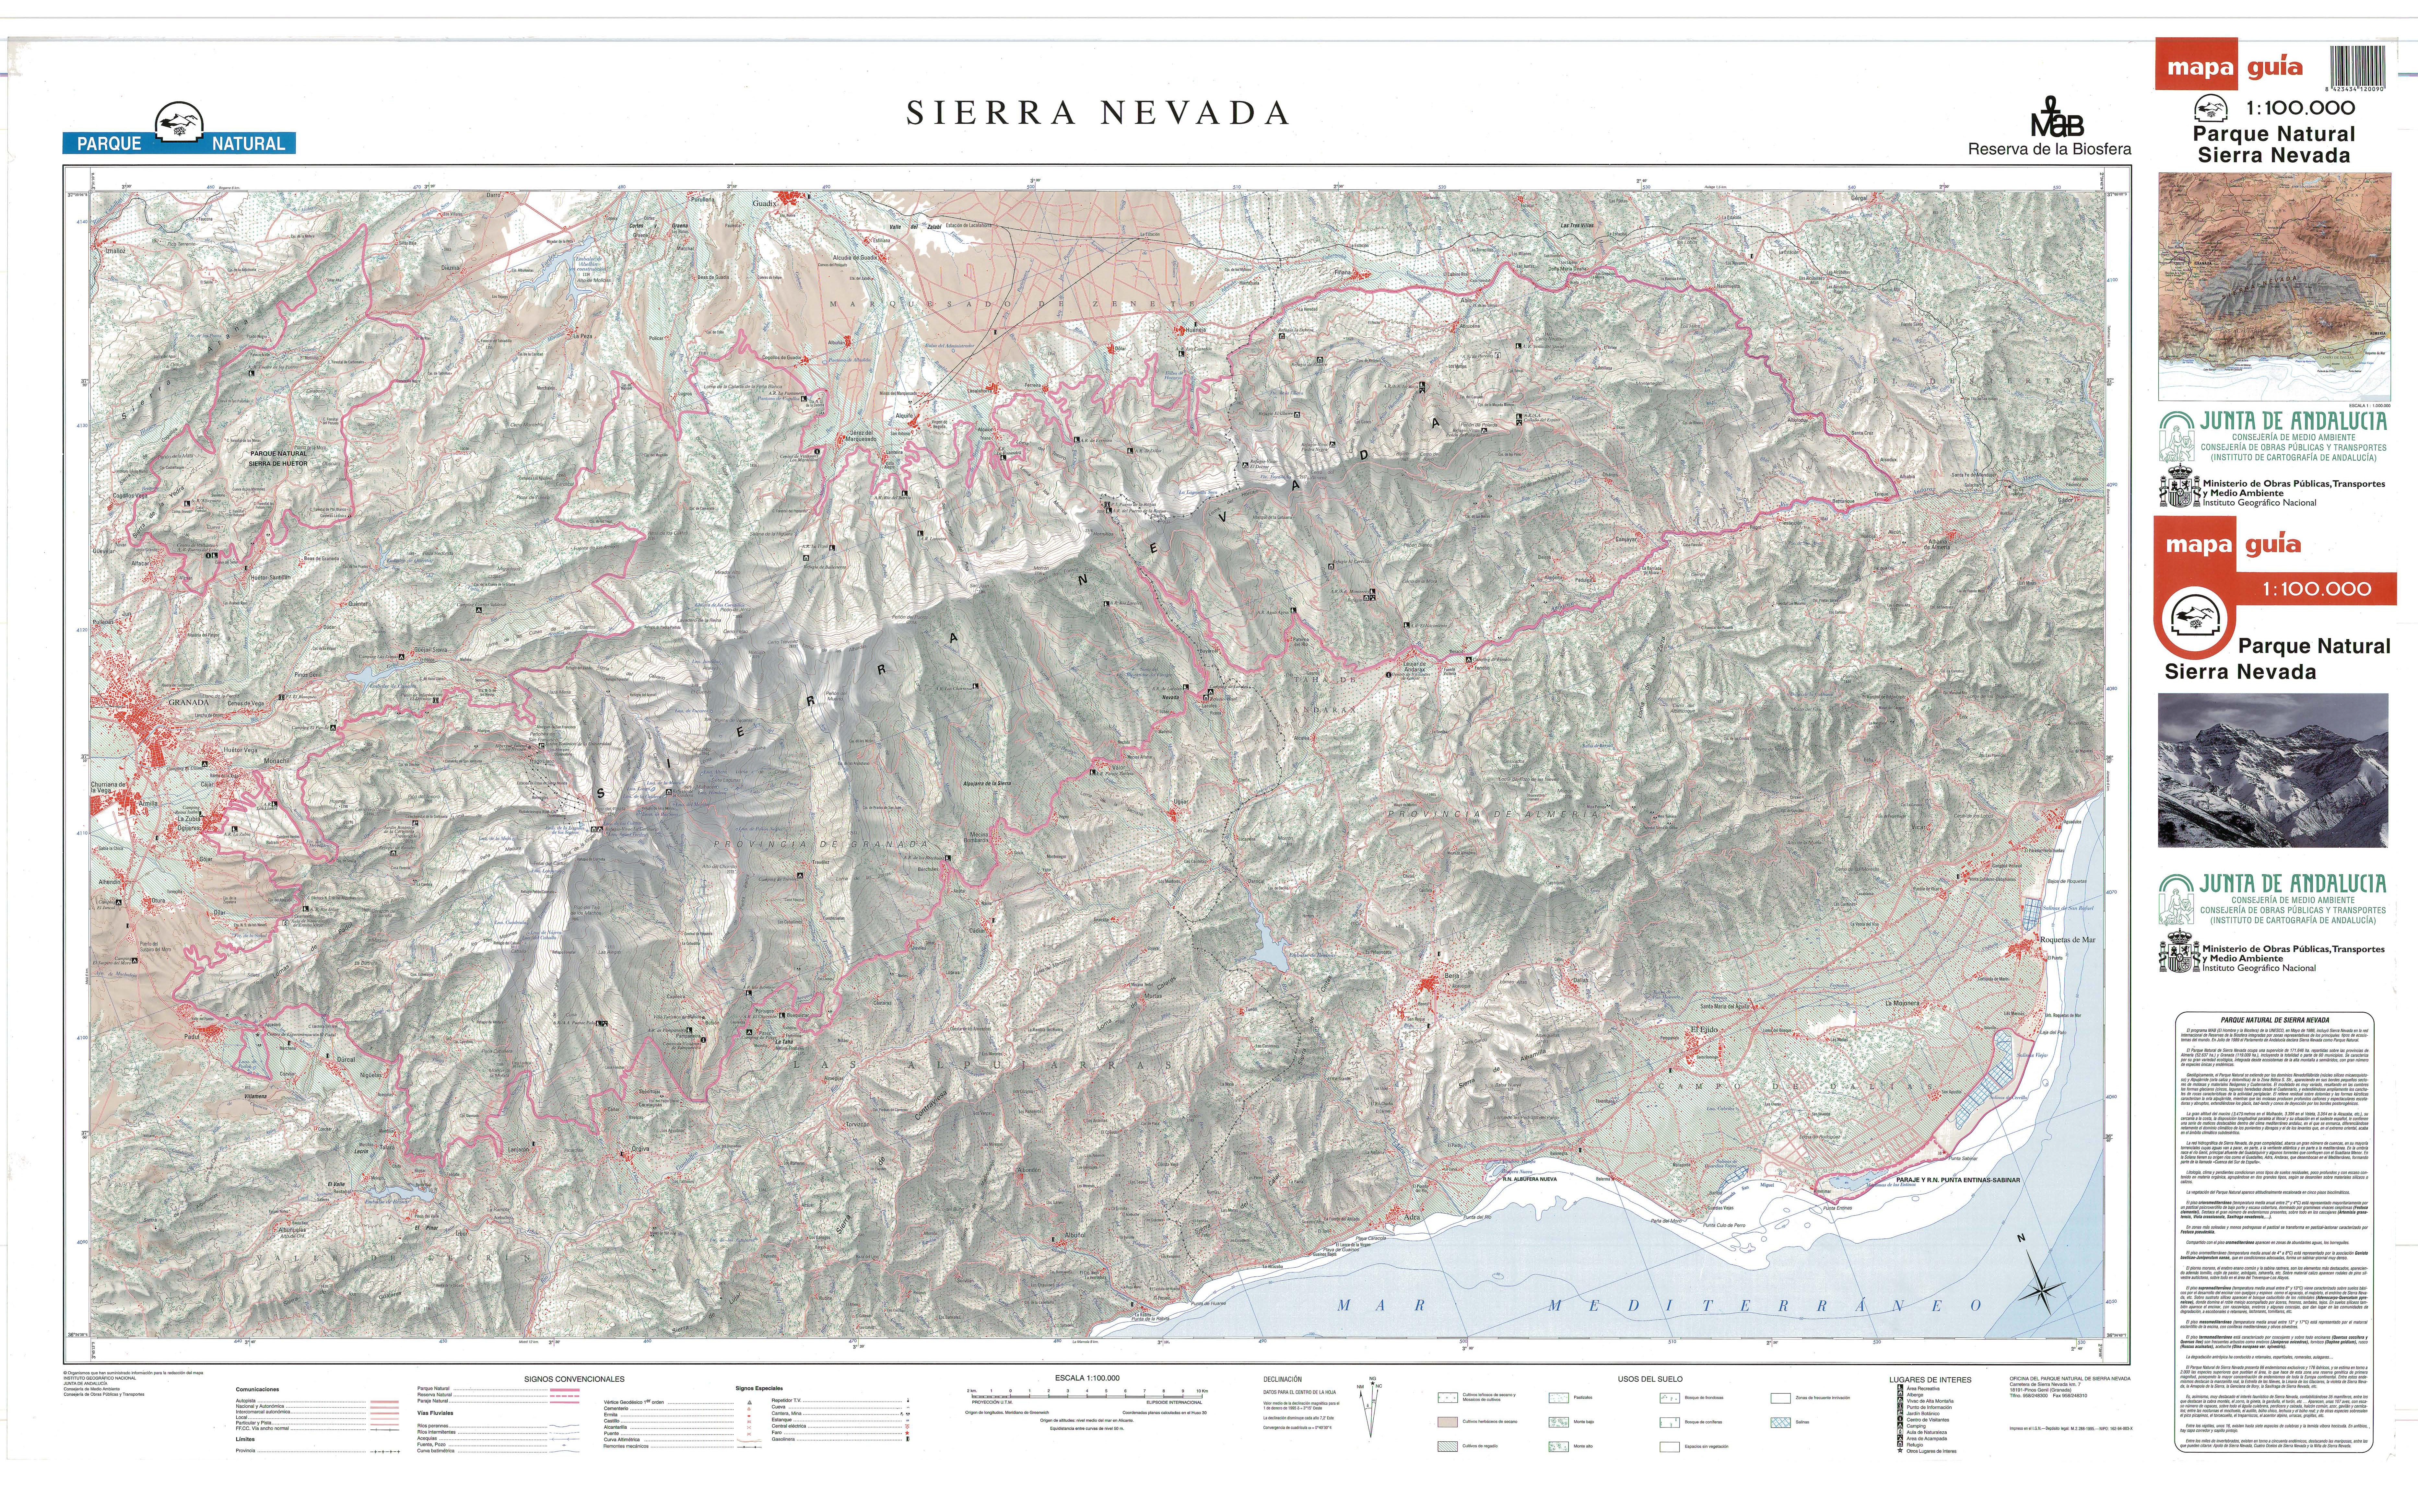 Parque Nacional de Sierra Nevada 1995